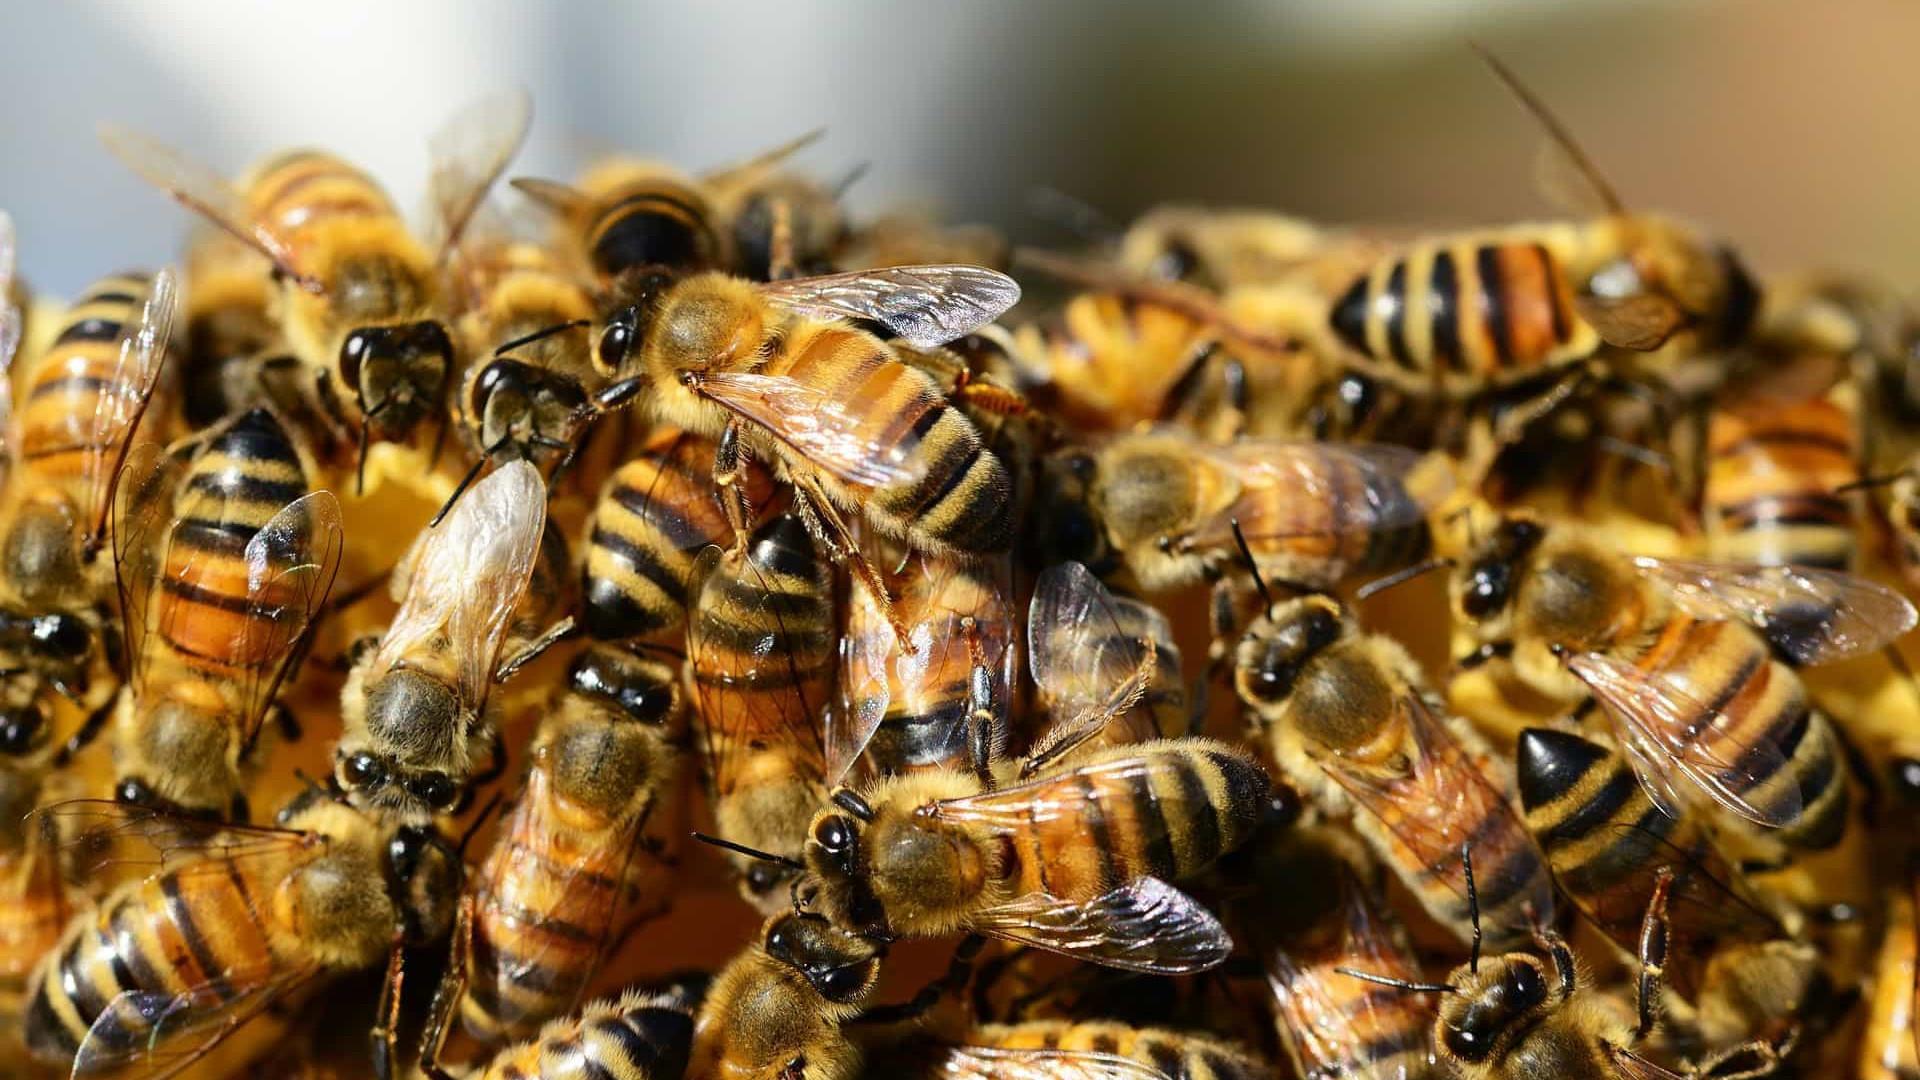 Número de espécies de abelhas observadas na natureza caiu cerca de 25% desde os anos 1990